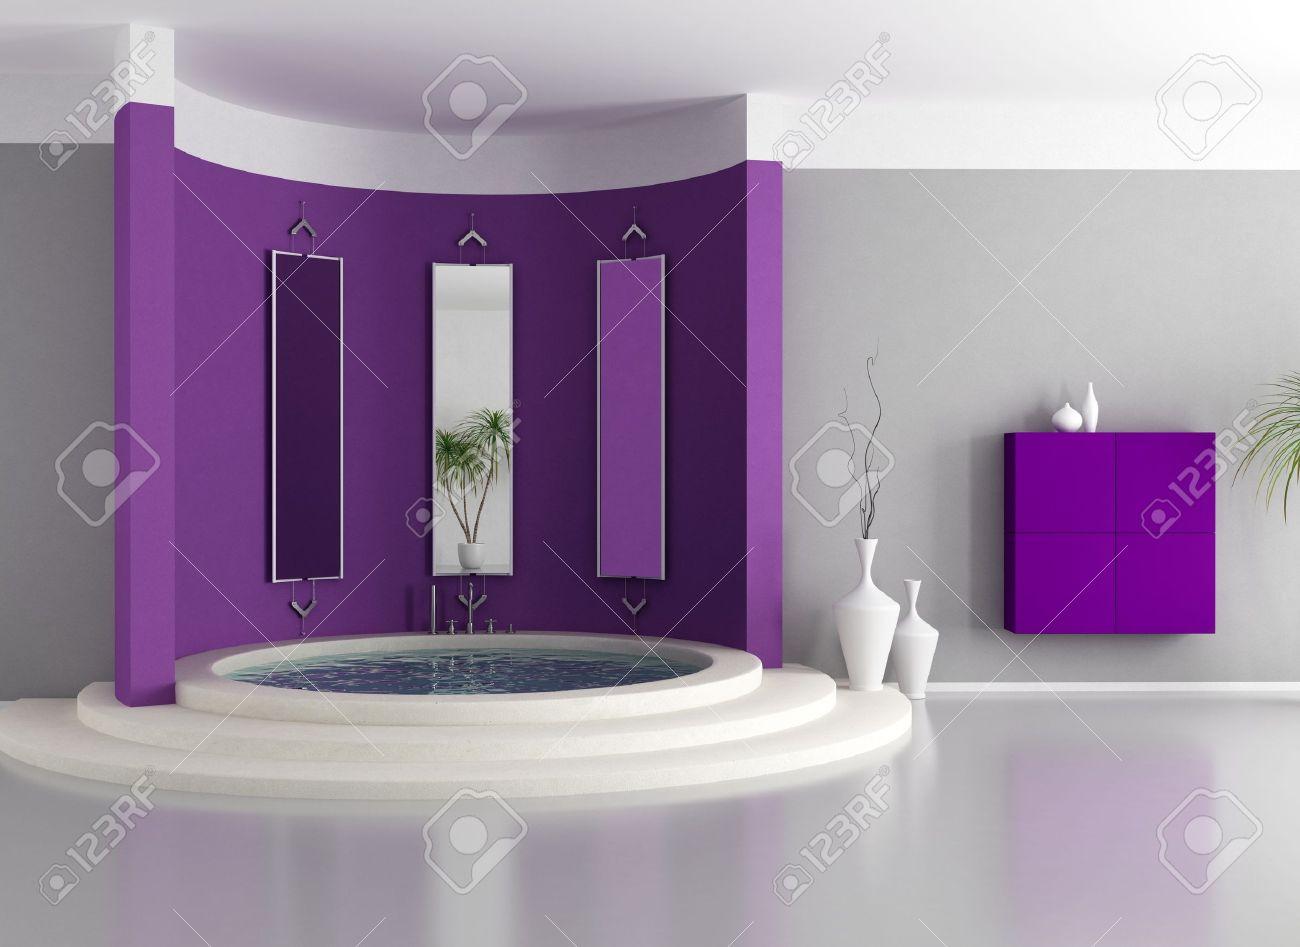 banque dimages purple moderne salle de bains avec baignoire de luxe circulaire rendu - Salle De Bain Moderne Avec Baignoire